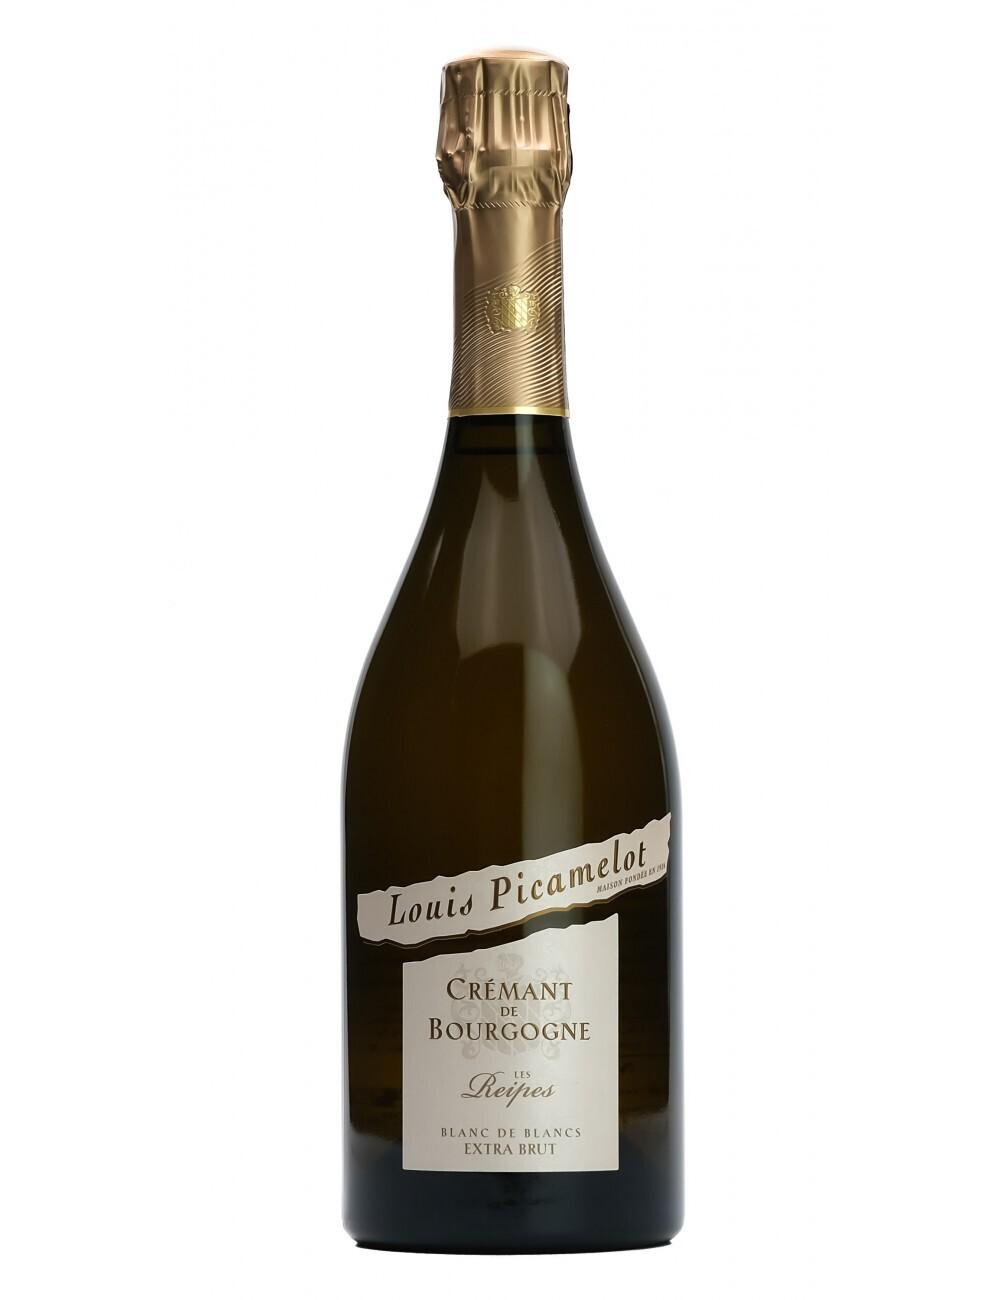 Crémant de Bourgogne Blanc de Blancs